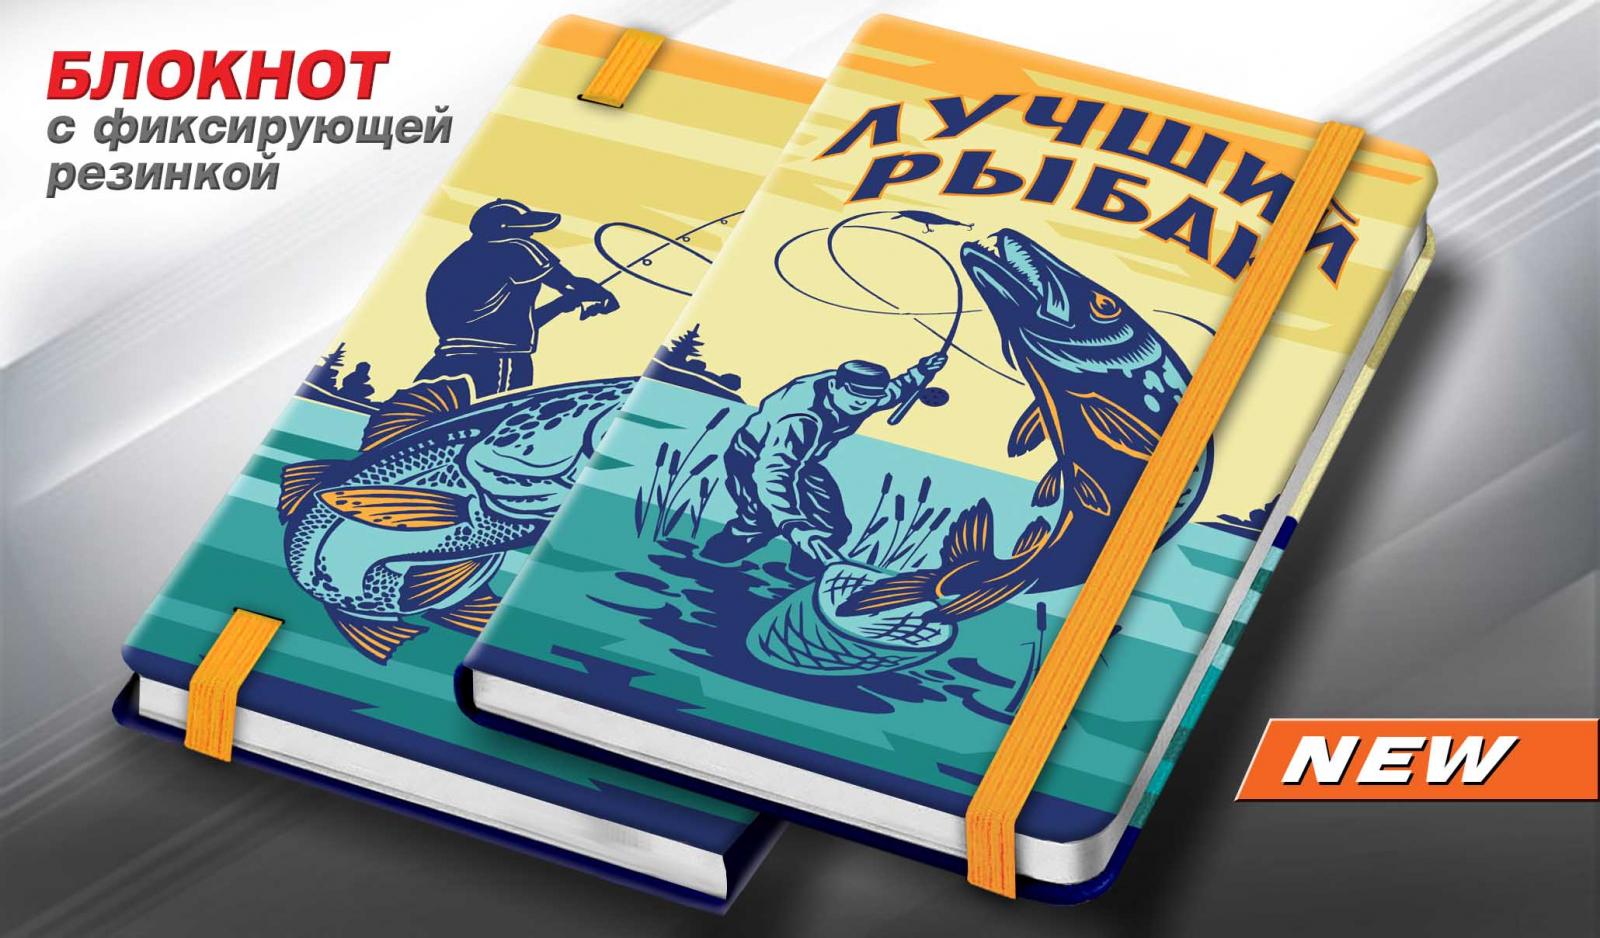 Блокнот «Лучший рыбак»